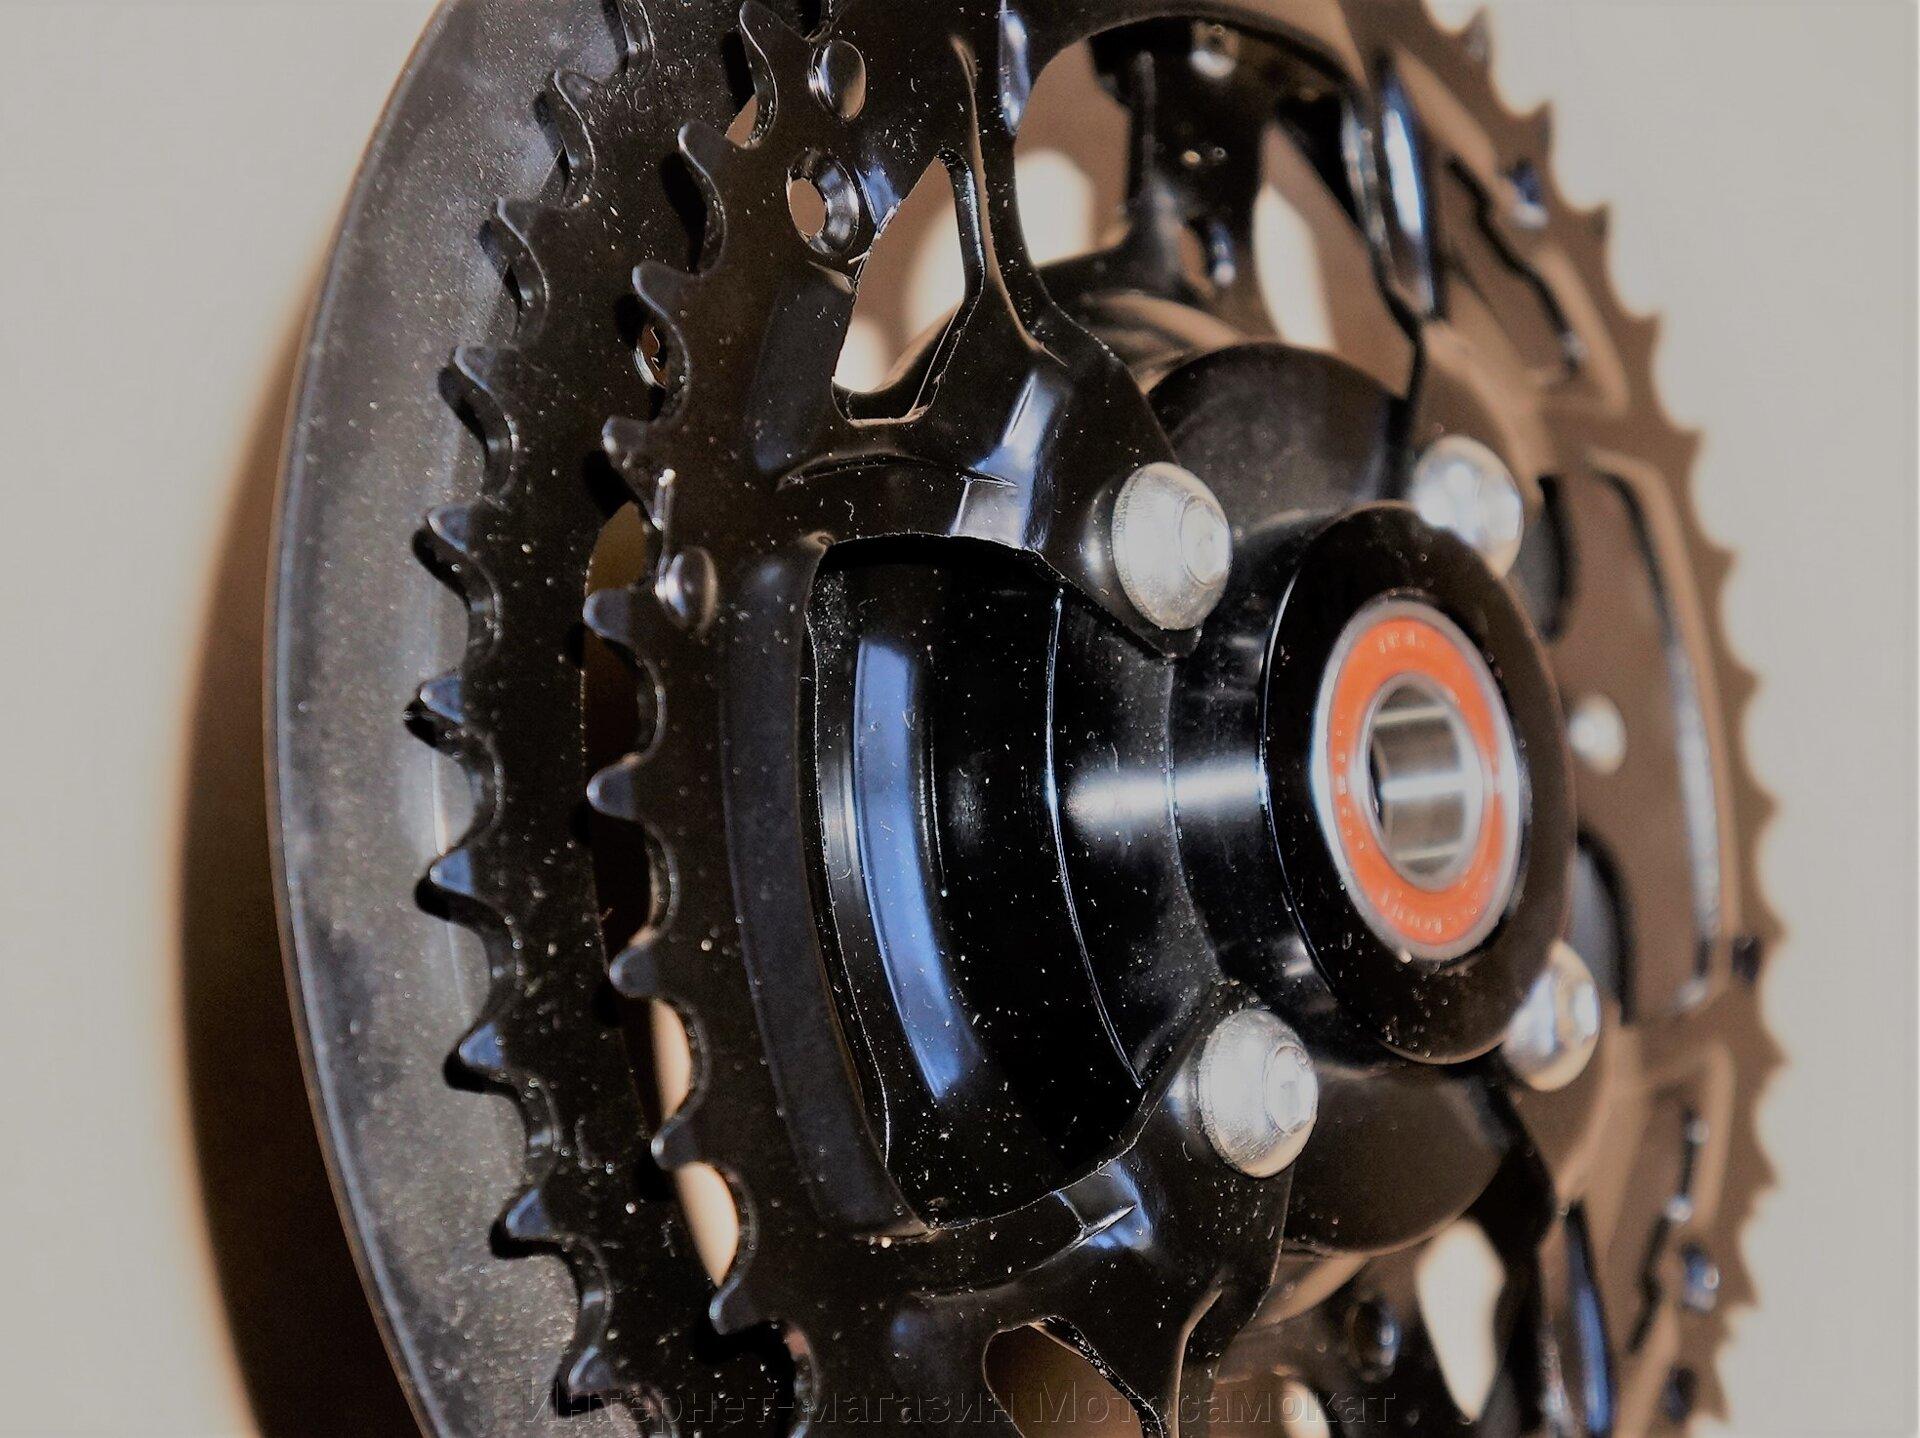 Педальная система с обгонной муфтой для веломотора Циклон, Ф50-Ф80, Тандем.